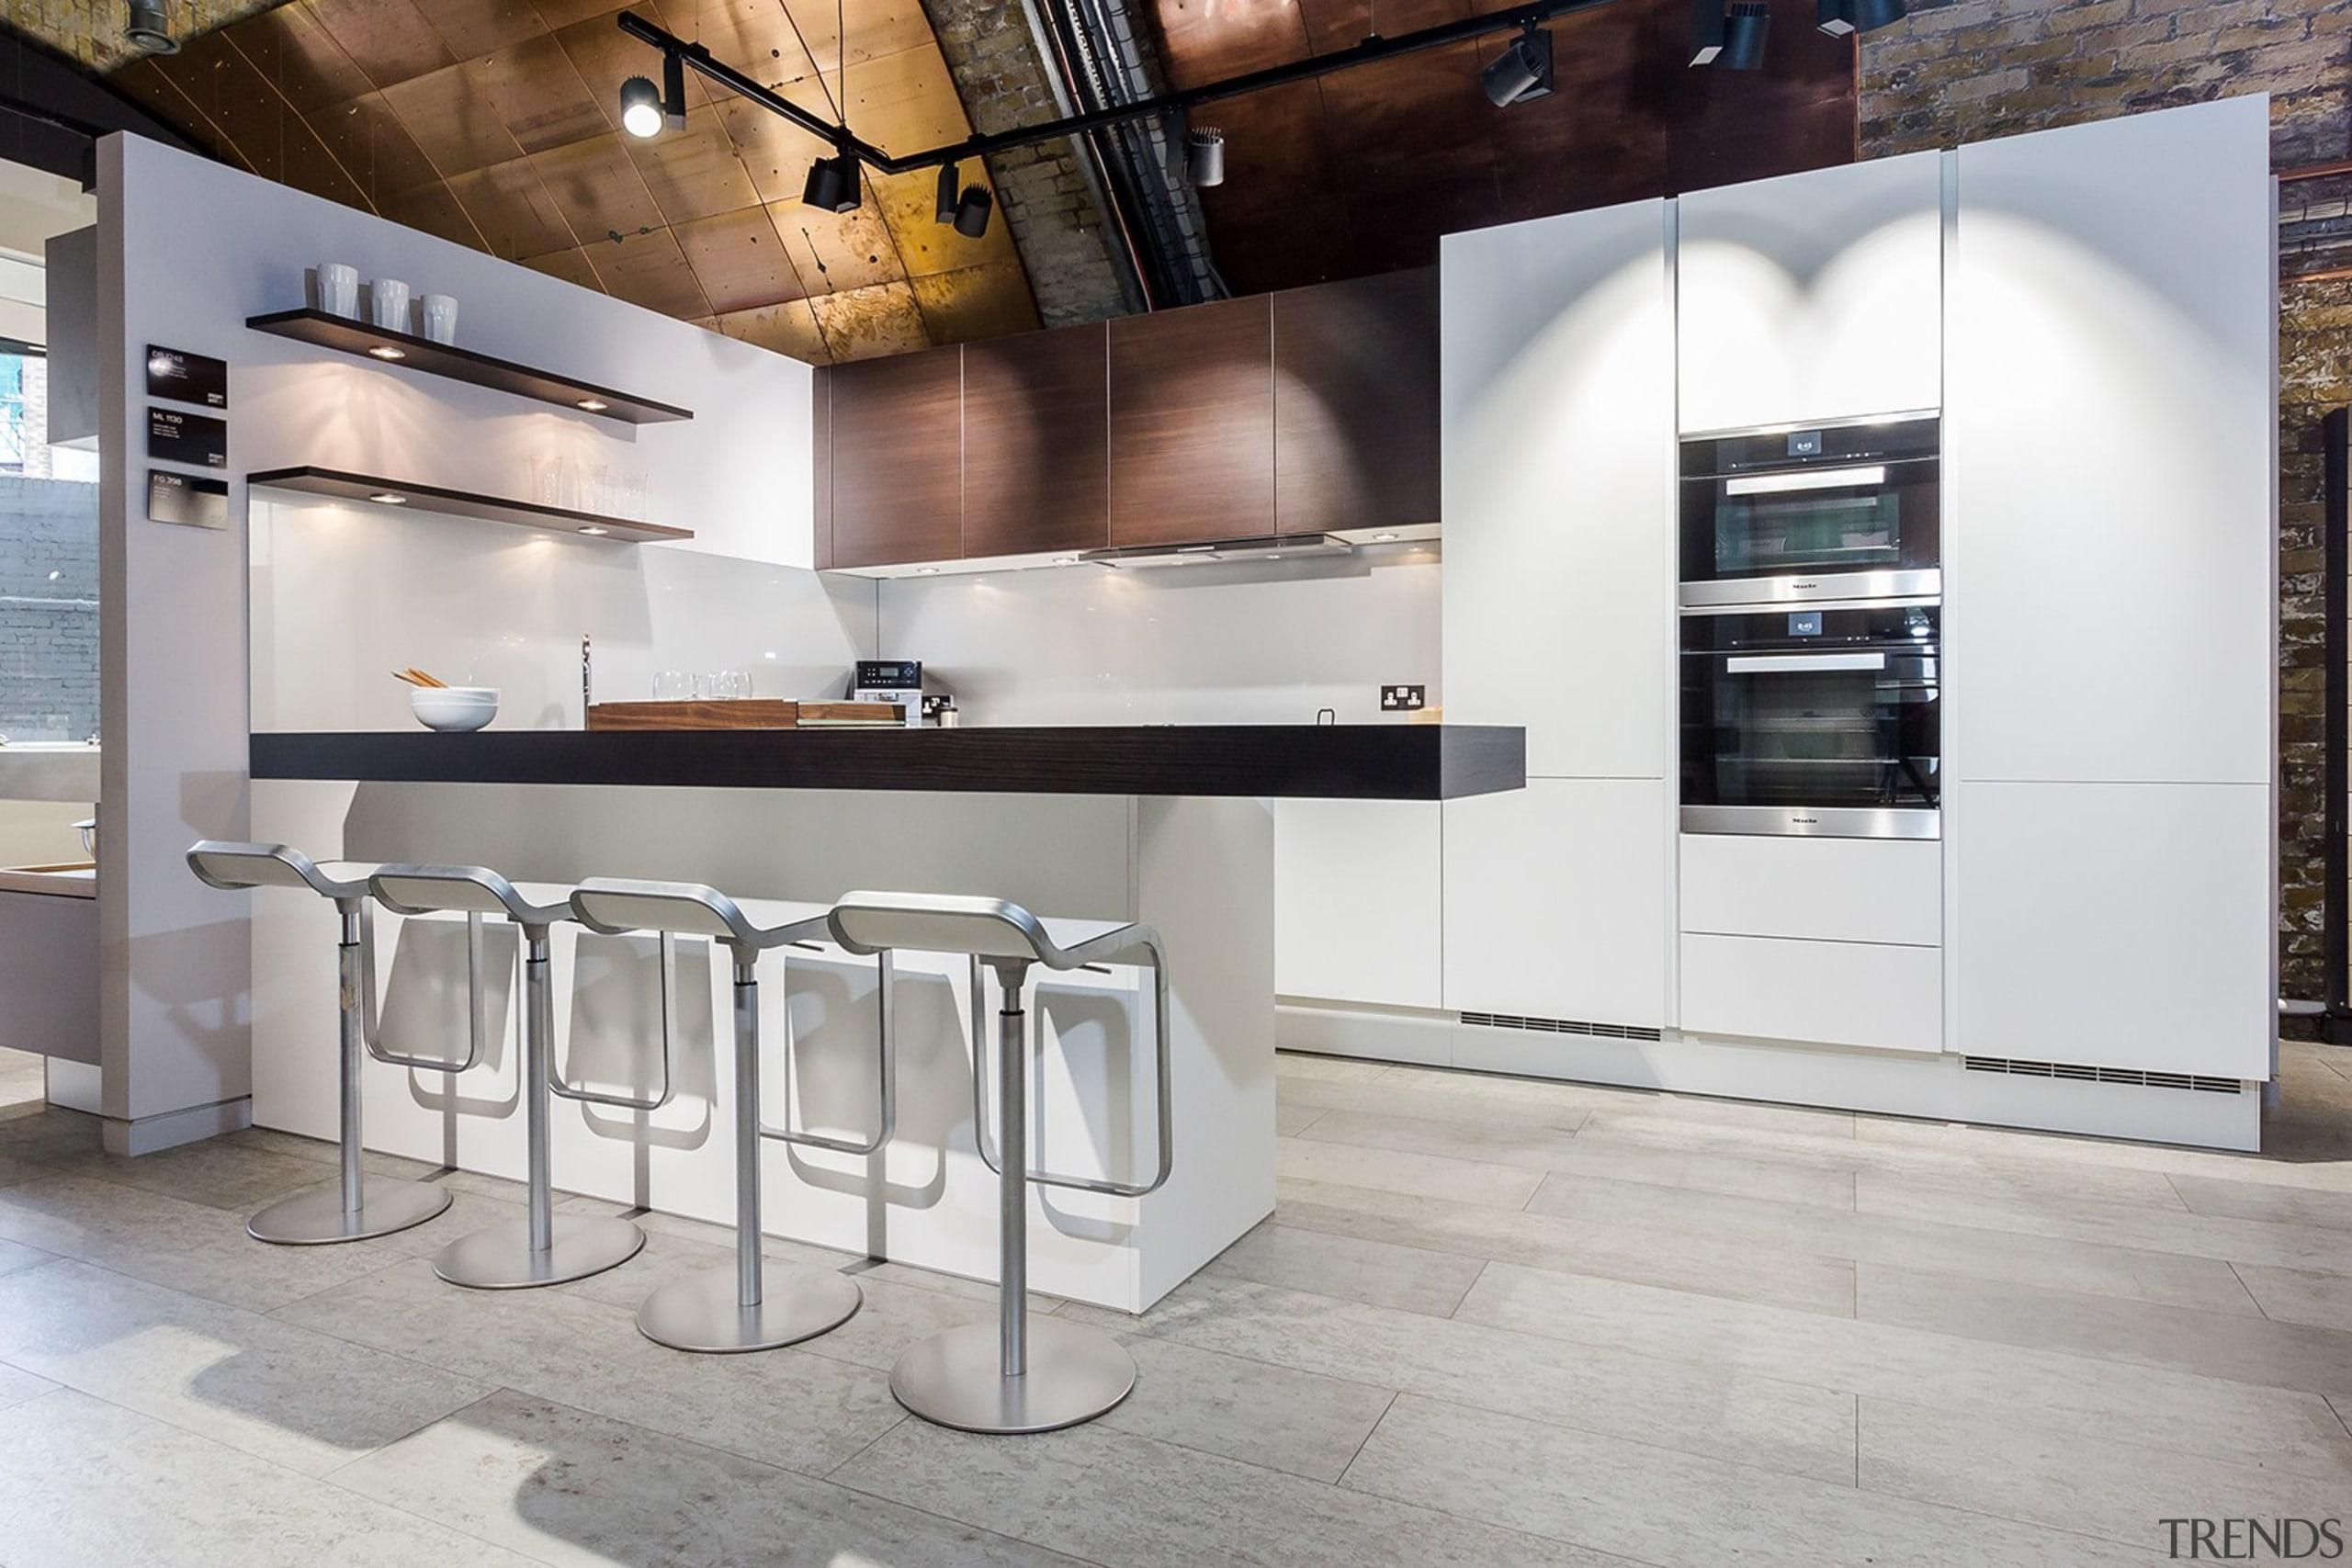 Concreate CF101 PoggenPohl 15 - Concreate_CF101_PoggenPohl_15 - countertop countertop, cuisine classique, floor, flooring, interior design, kitchen, product design, gray